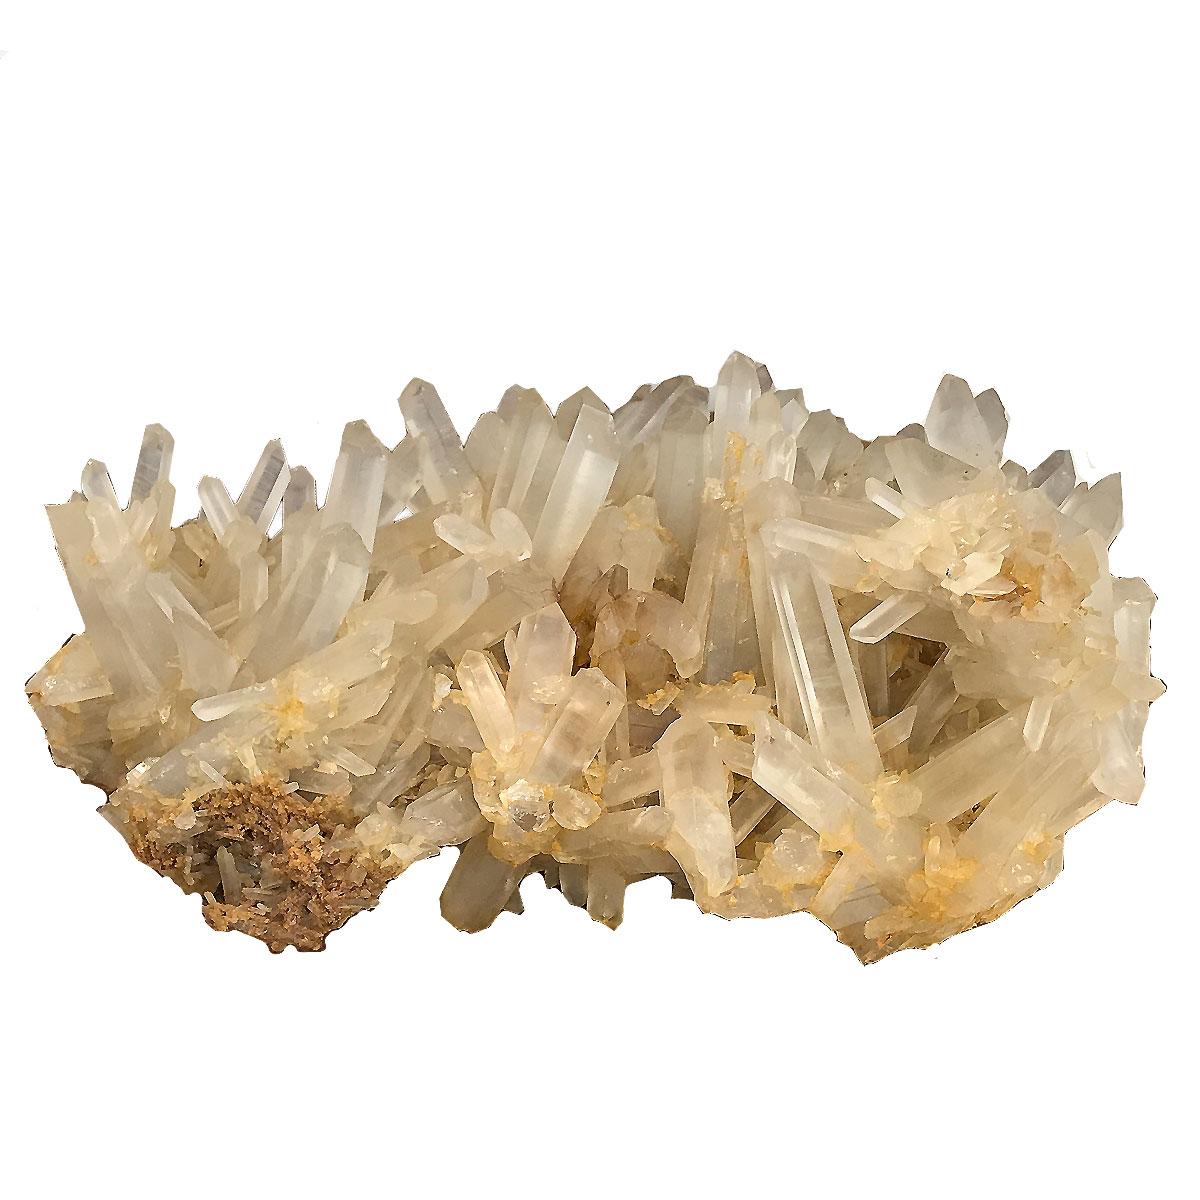 クォーツ水晶 【クラスター 1点もの】/大きめ 約360x240x170mm 天然石 パワーストーン スピリチュアル ヒーリング コレクション